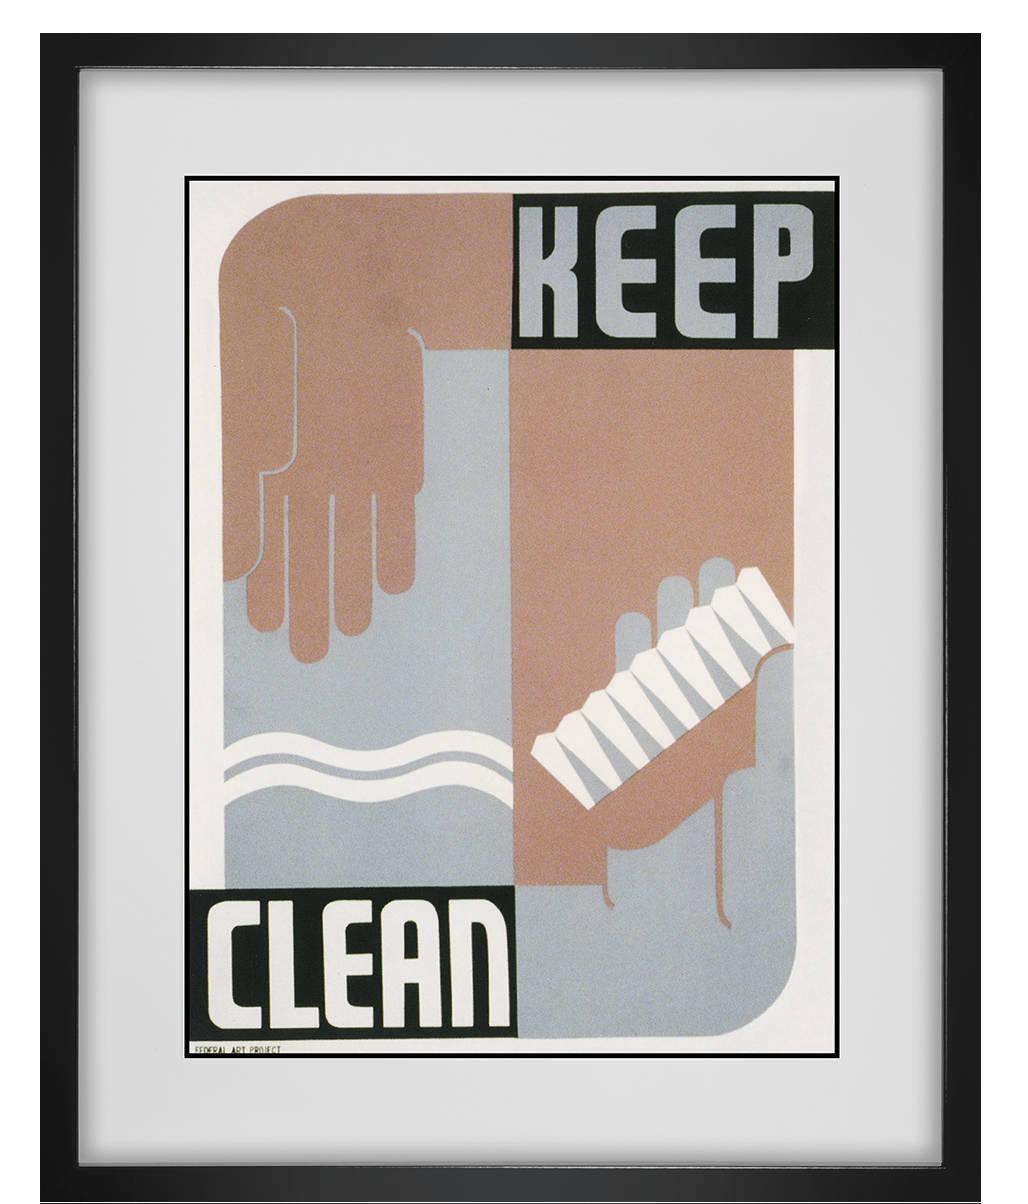 Bathroom Sign, Funny Bathroom Wall Art, Bathroom Art For Kids For Kids Bathroom Wall Art (Image 6 of 20)